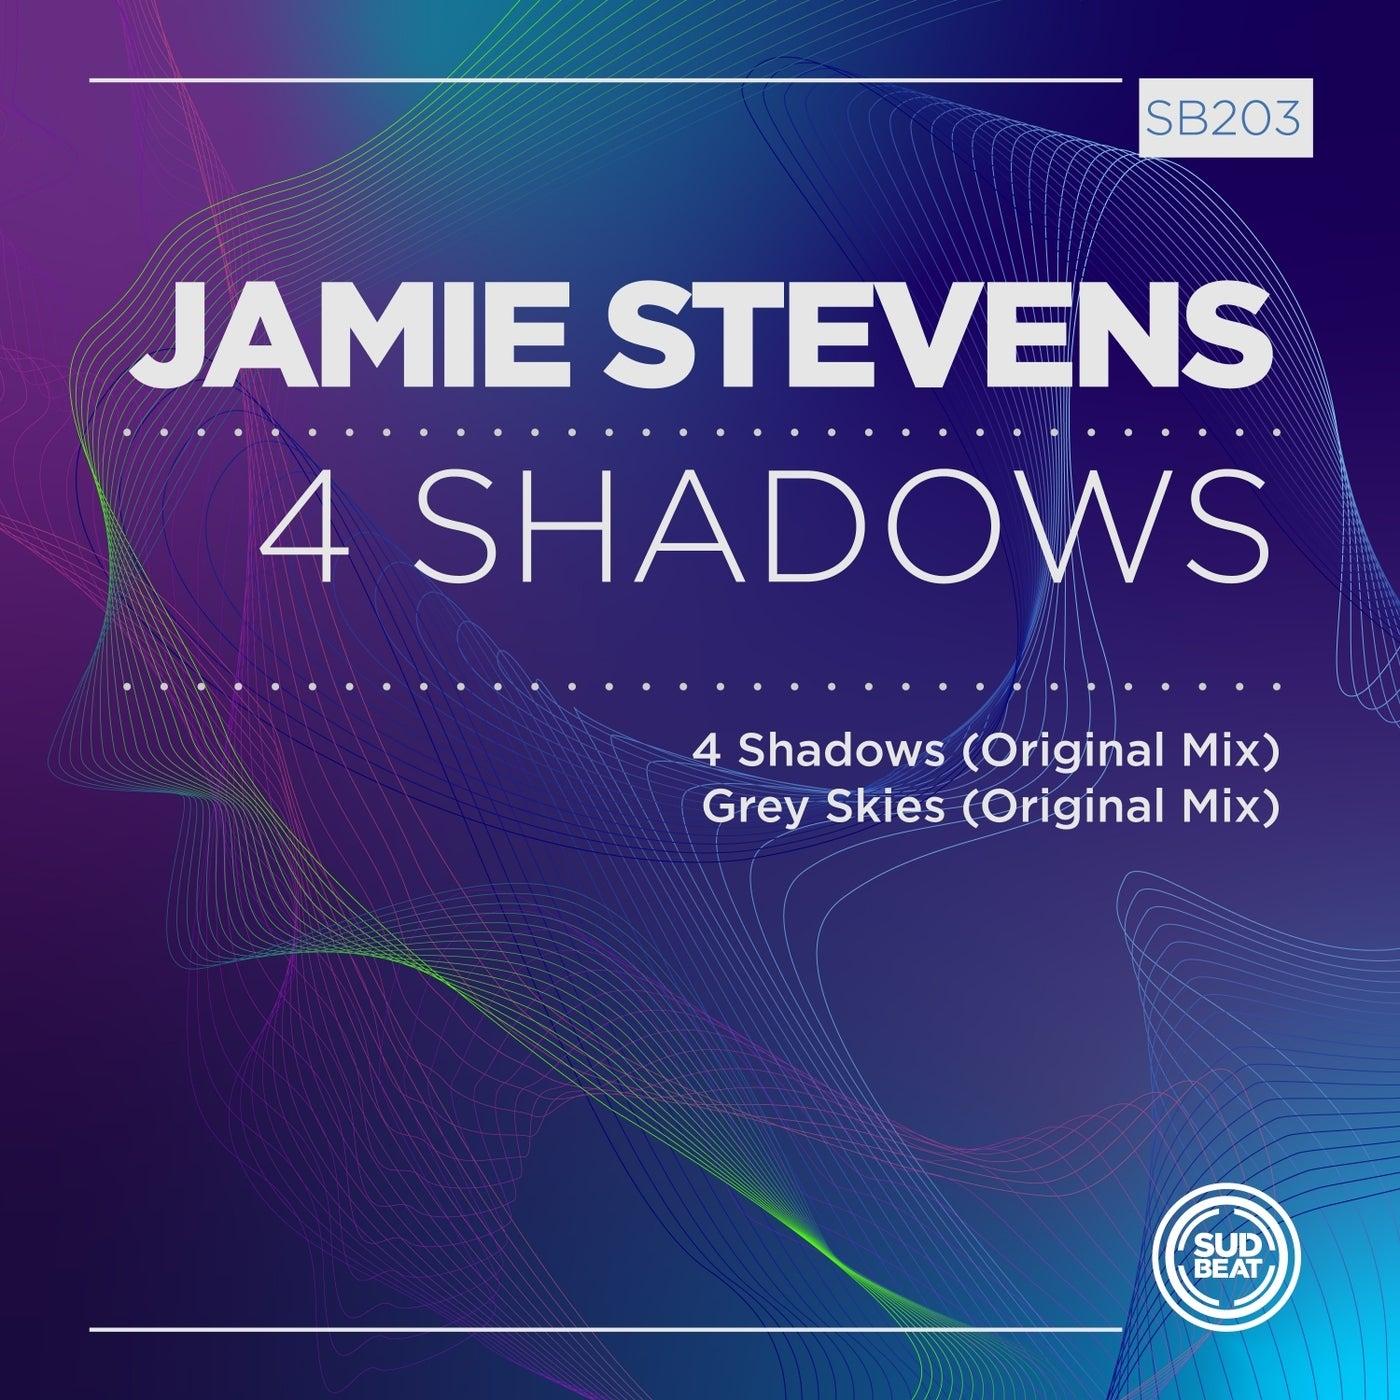 4 Shadows (Original Mix)